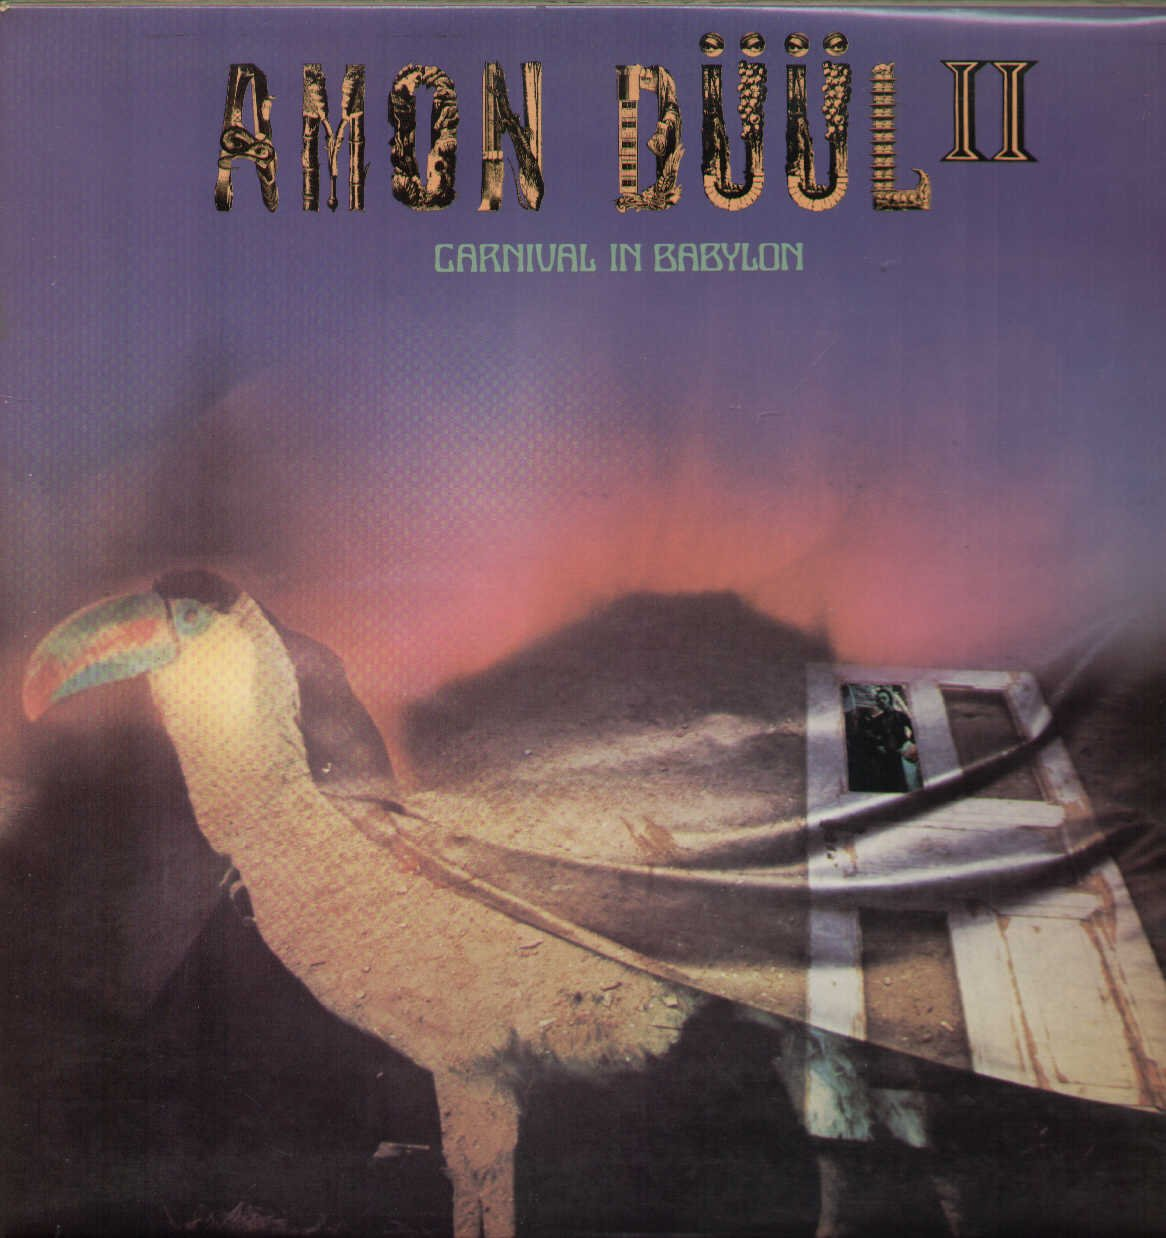 Carnival in Babylon (UK 1st pressing vinyl LP)